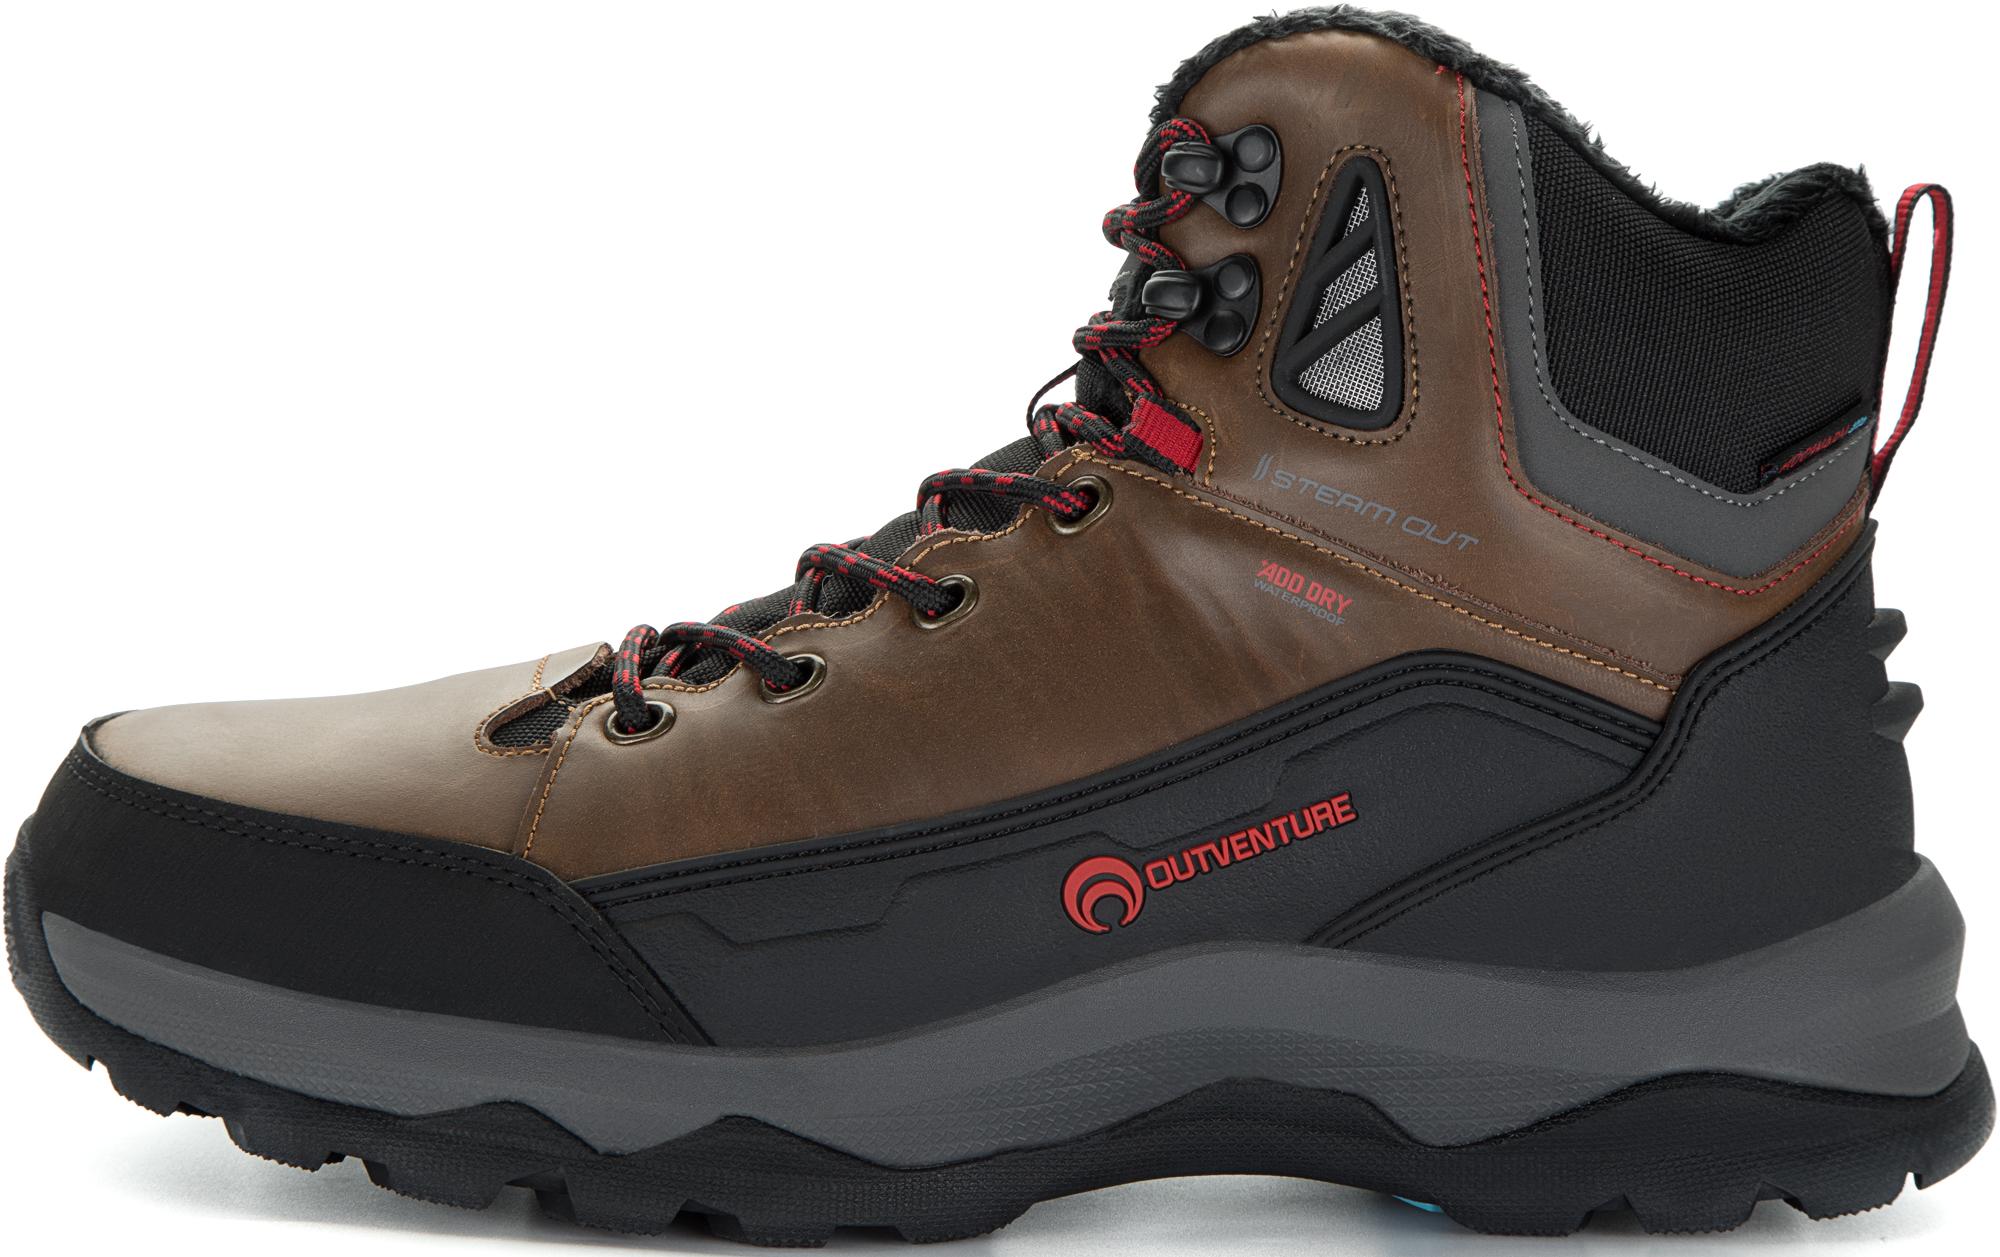 Outventure Ботинки утепленные мужские Outventure Matterhorn, размер 42 ботинки мужские зимние tr aym 15a синий размер 45